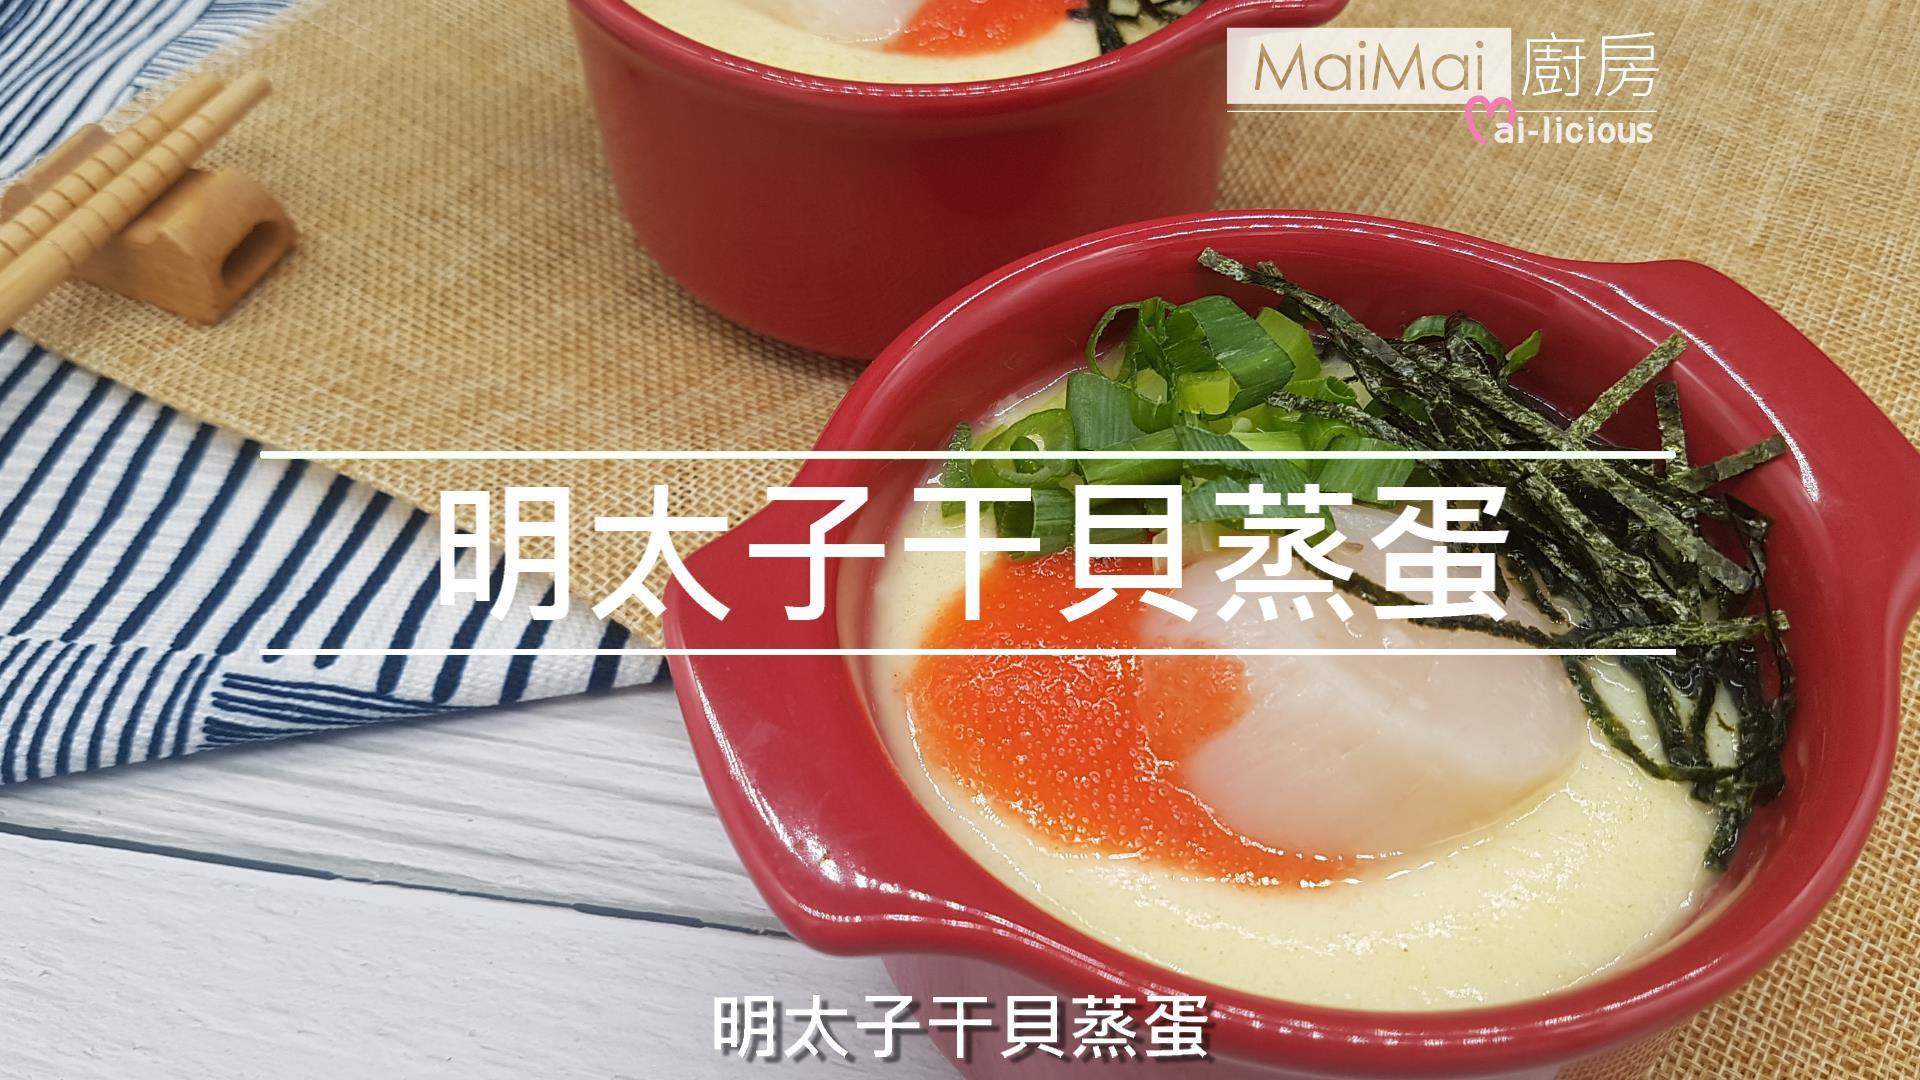 【MaiMai廚房】明太子干貝蒸蛋